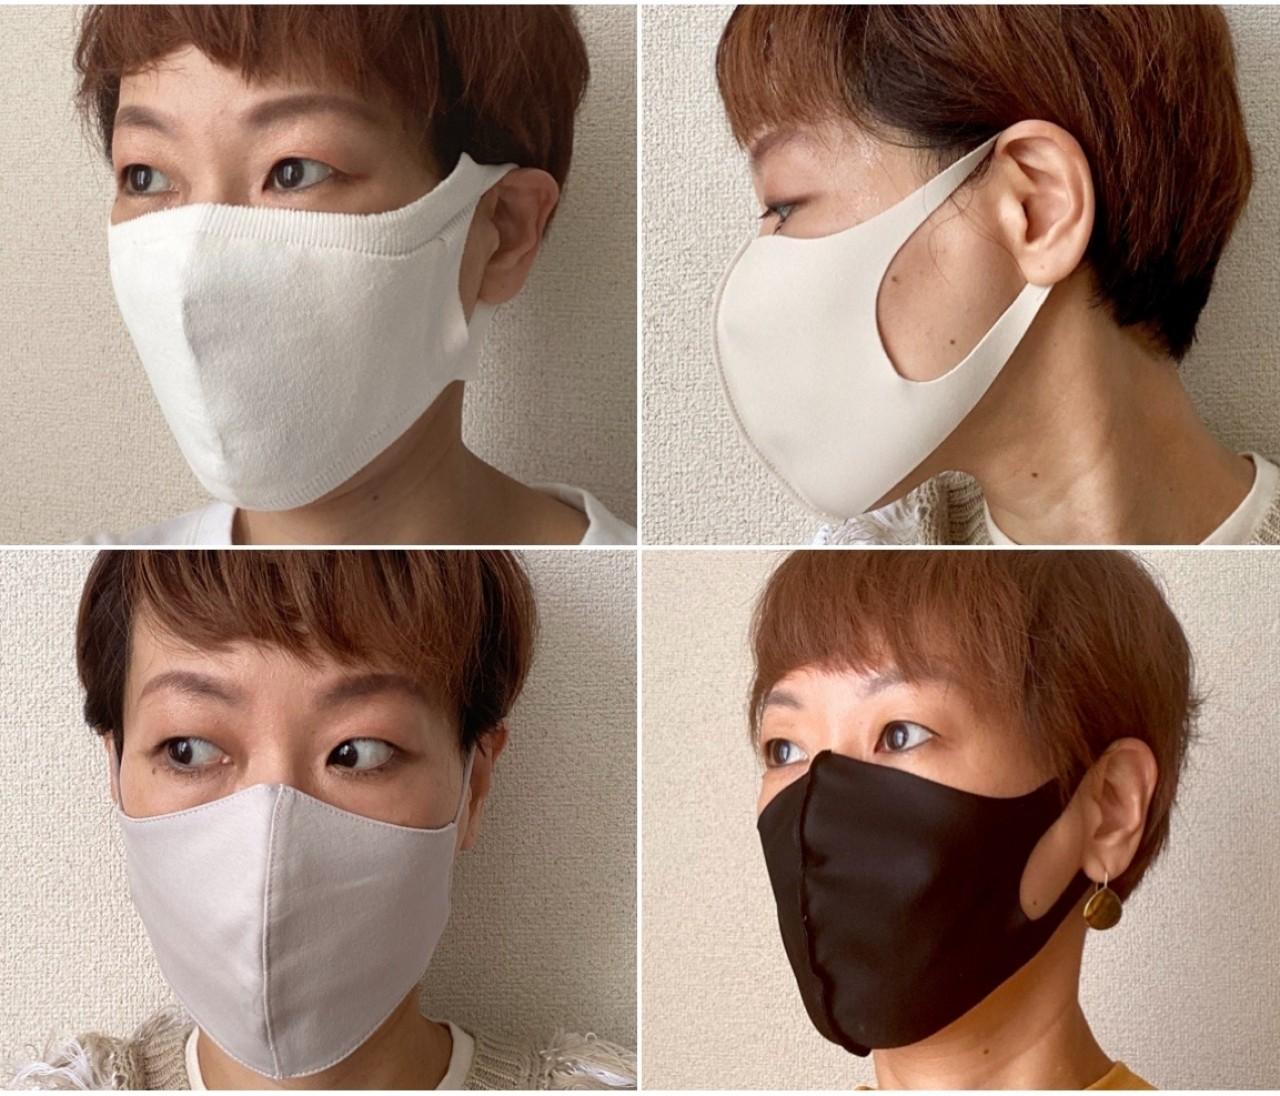 【洗える夏の布マスク】接触冷感・呼吸がラク・抗菌防臭・吸水速乾etc.、超おすすめの高機能マスク4選徹底レポート